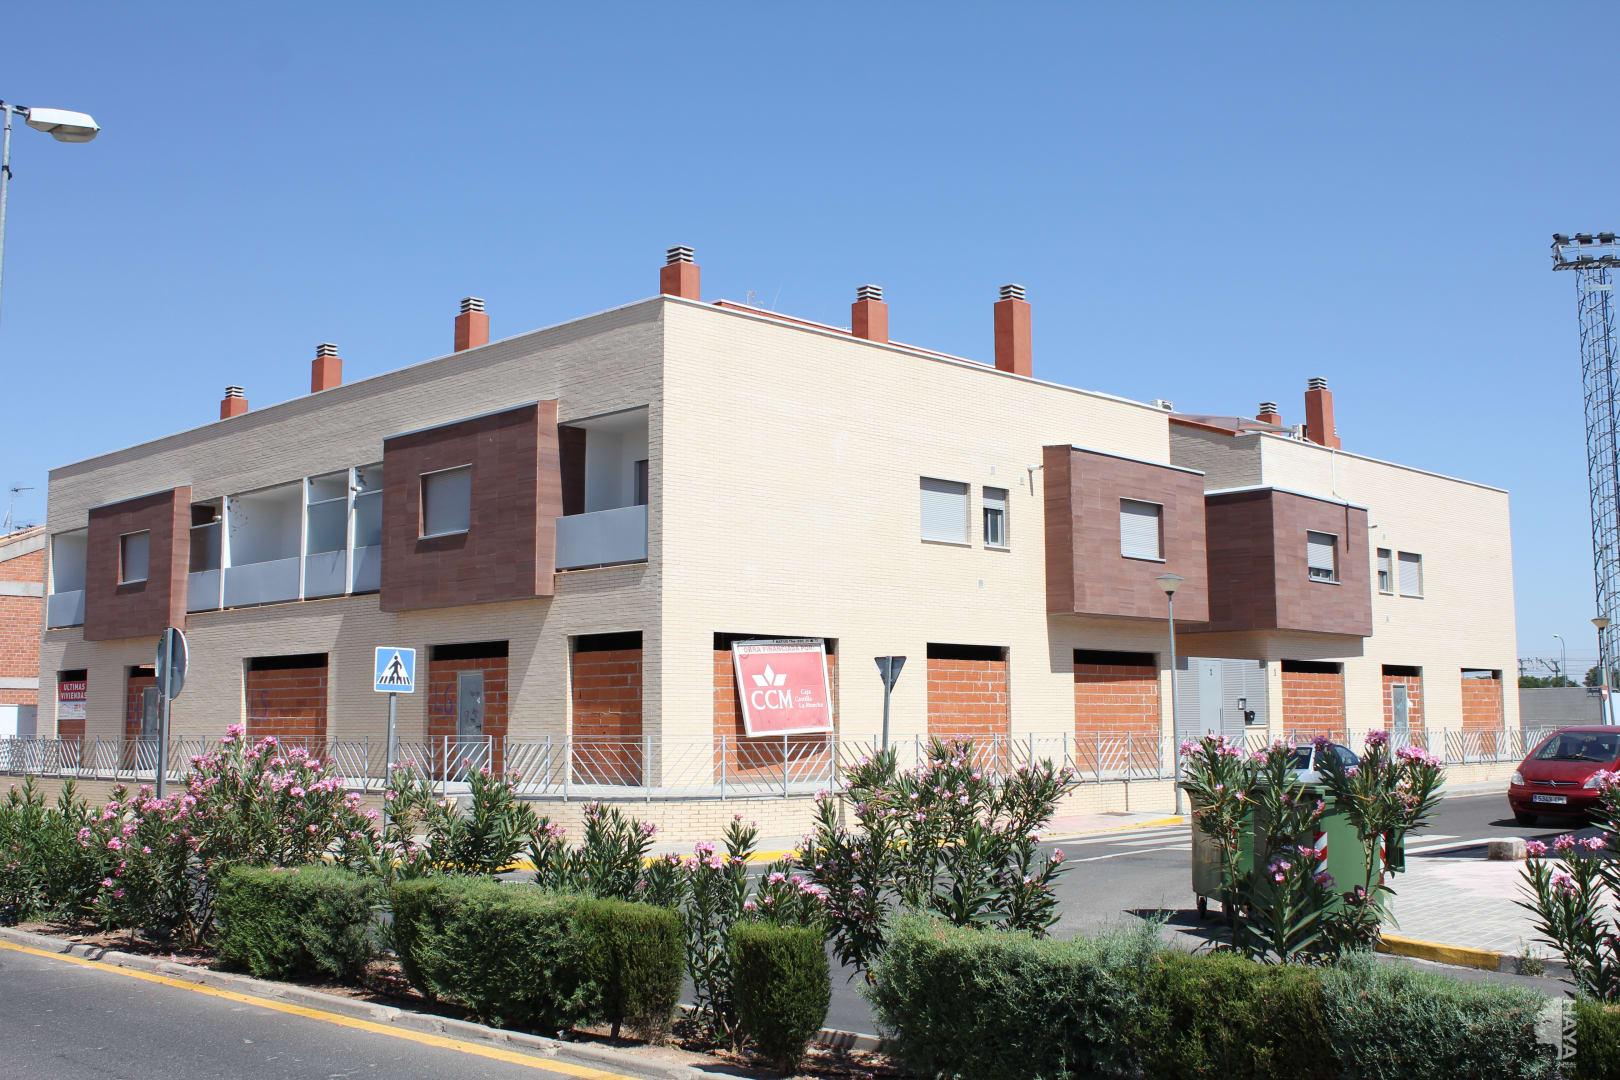 Piso en venta en Miguelturra, Ciudad Real, Calle Chavela Vargas, 54.050 €, 2 habitaciones, 1 baño, 127 m2